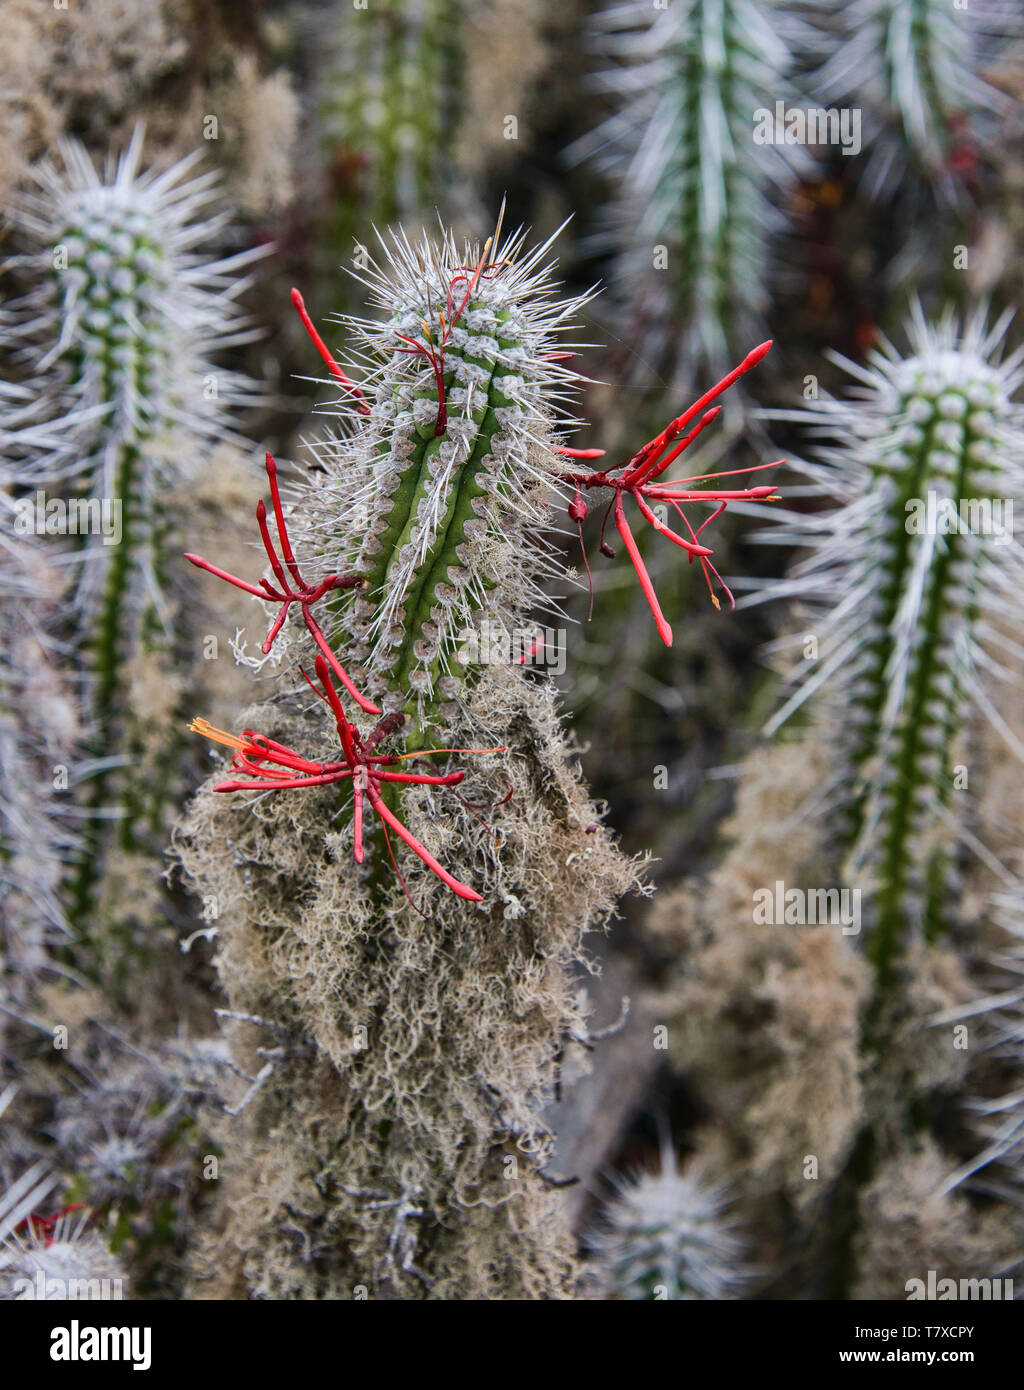 Flowering cacti (Eulychnia acida) growing on Isla Damas, Humboldt Penguin Reserve, Punta Choros, Chile Stock Photo